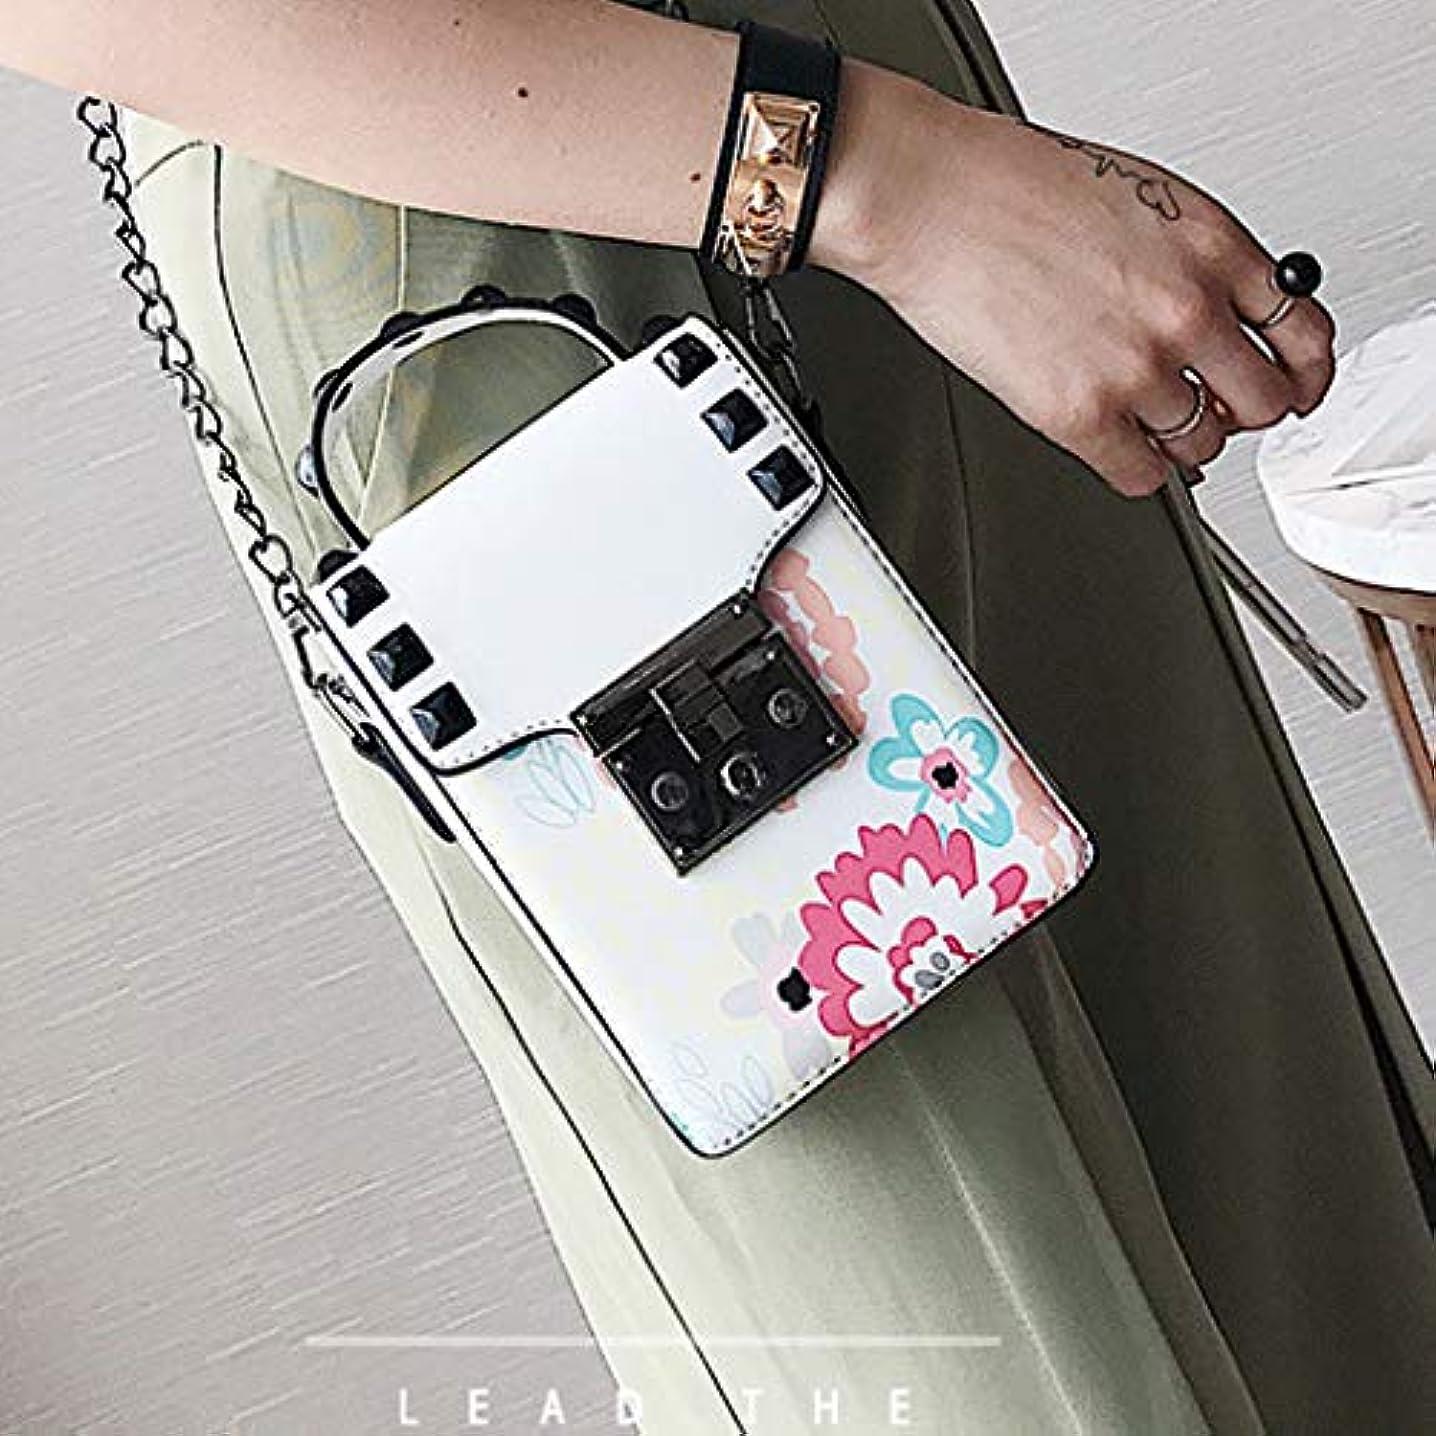 ピット回復機密女性印刷リベットチェーンショルダーバッグレディースキャンパススタイルクロスボディバッグ、ファッショントレンド新しいクロスボディバッグ、チェーンレディース小さなバッグ、プリントパターントレンド小さな財布 (白)